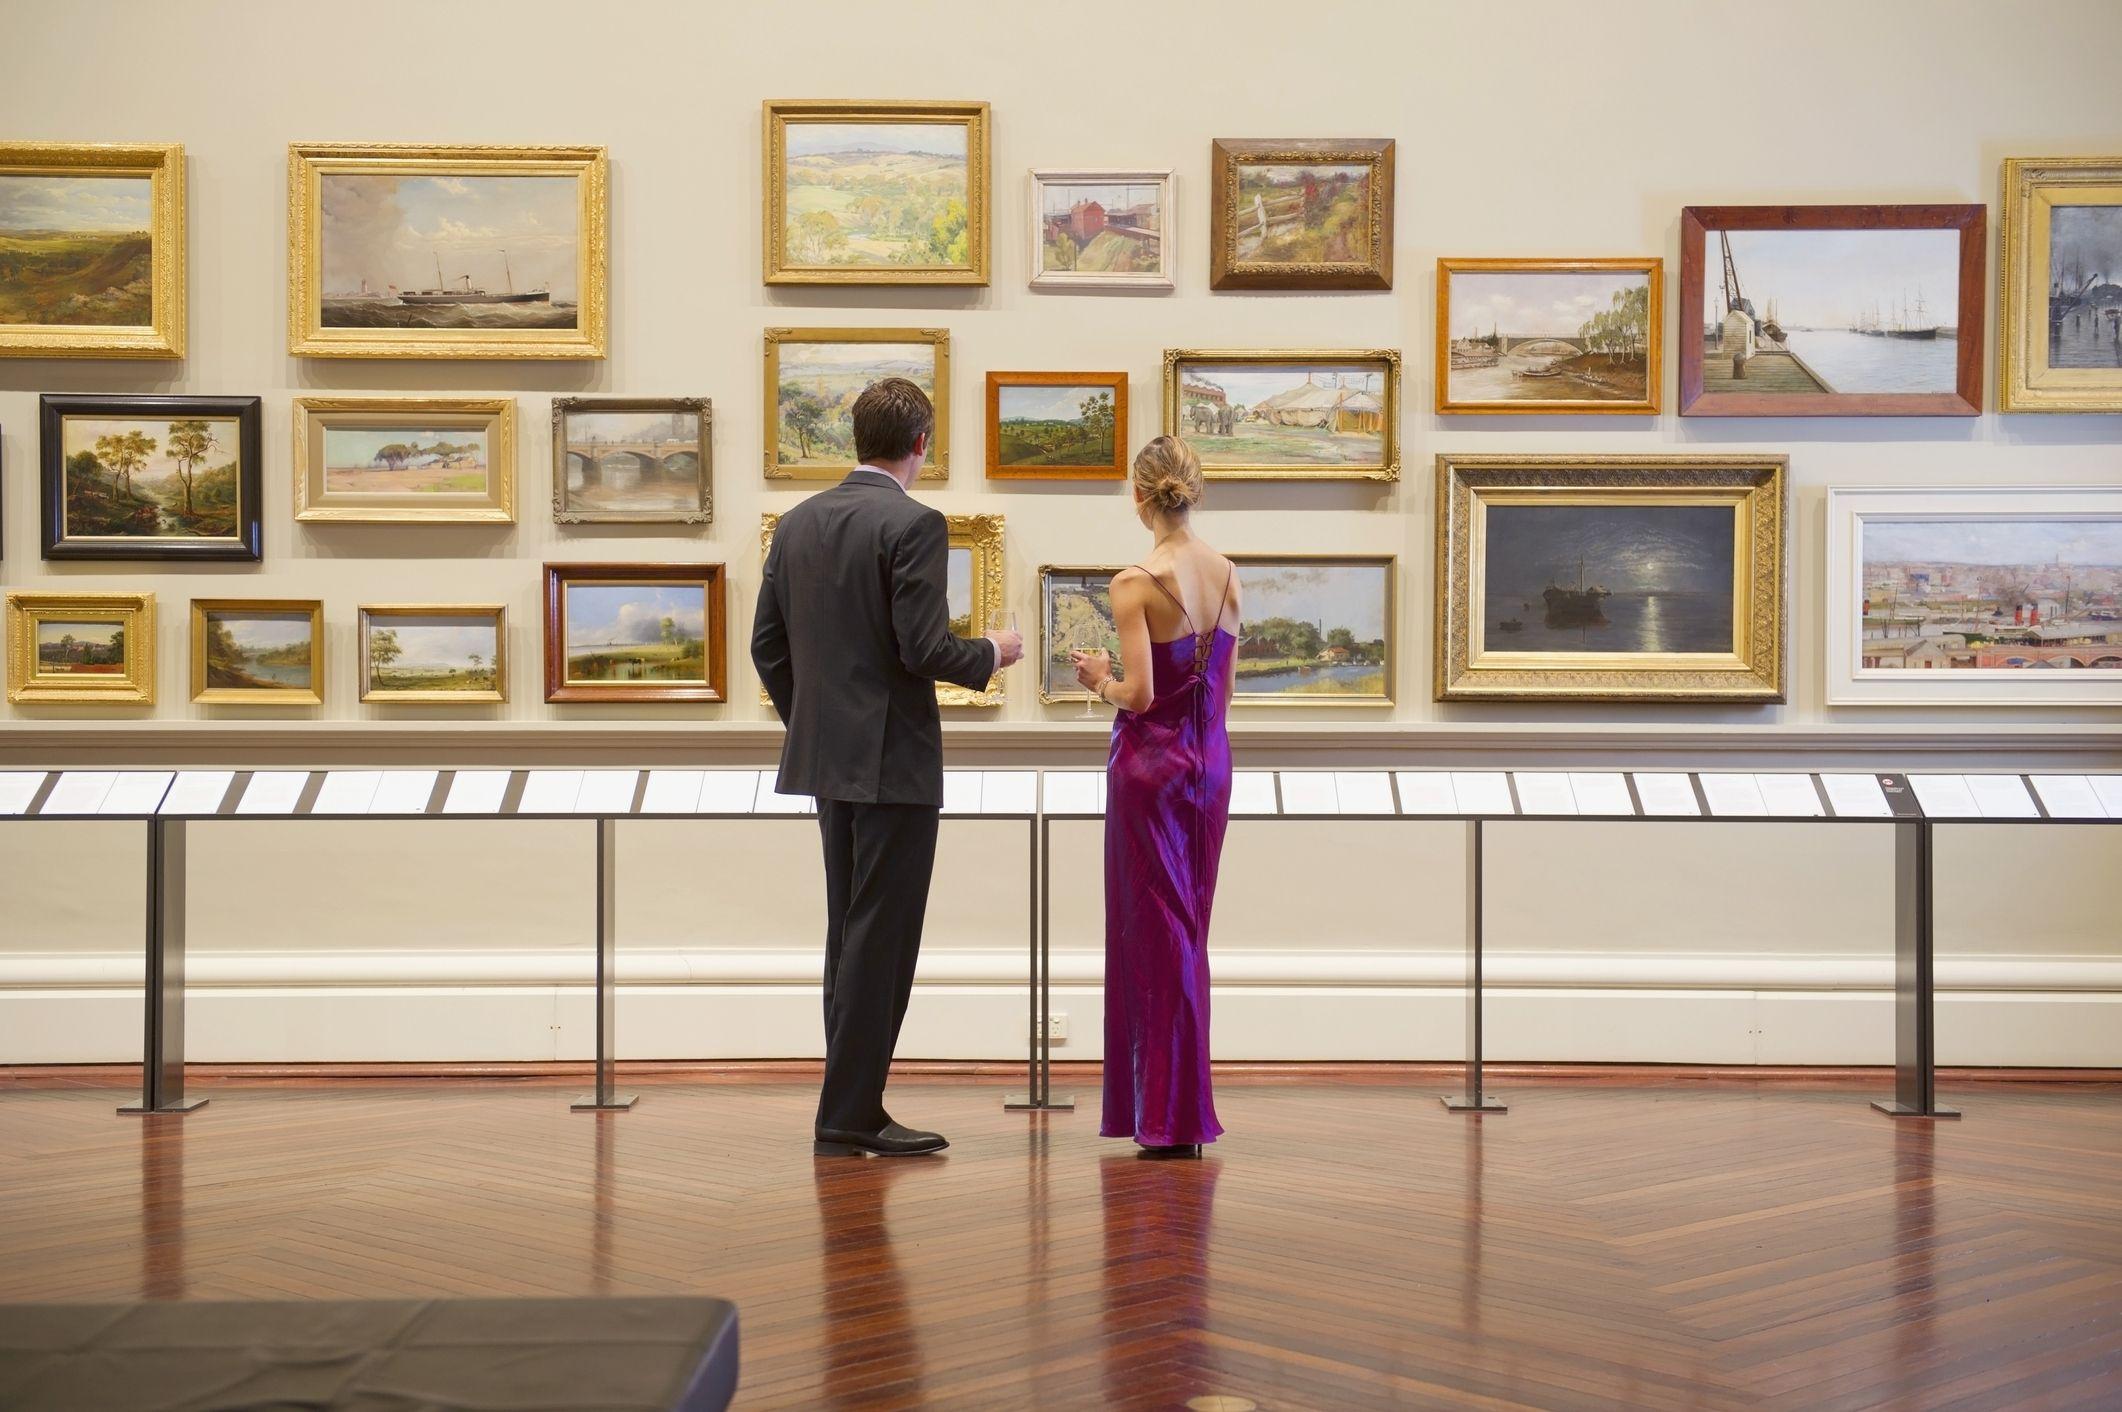 кавказка двойка вечерно облекло, възхищавайки се на изкуството в музея